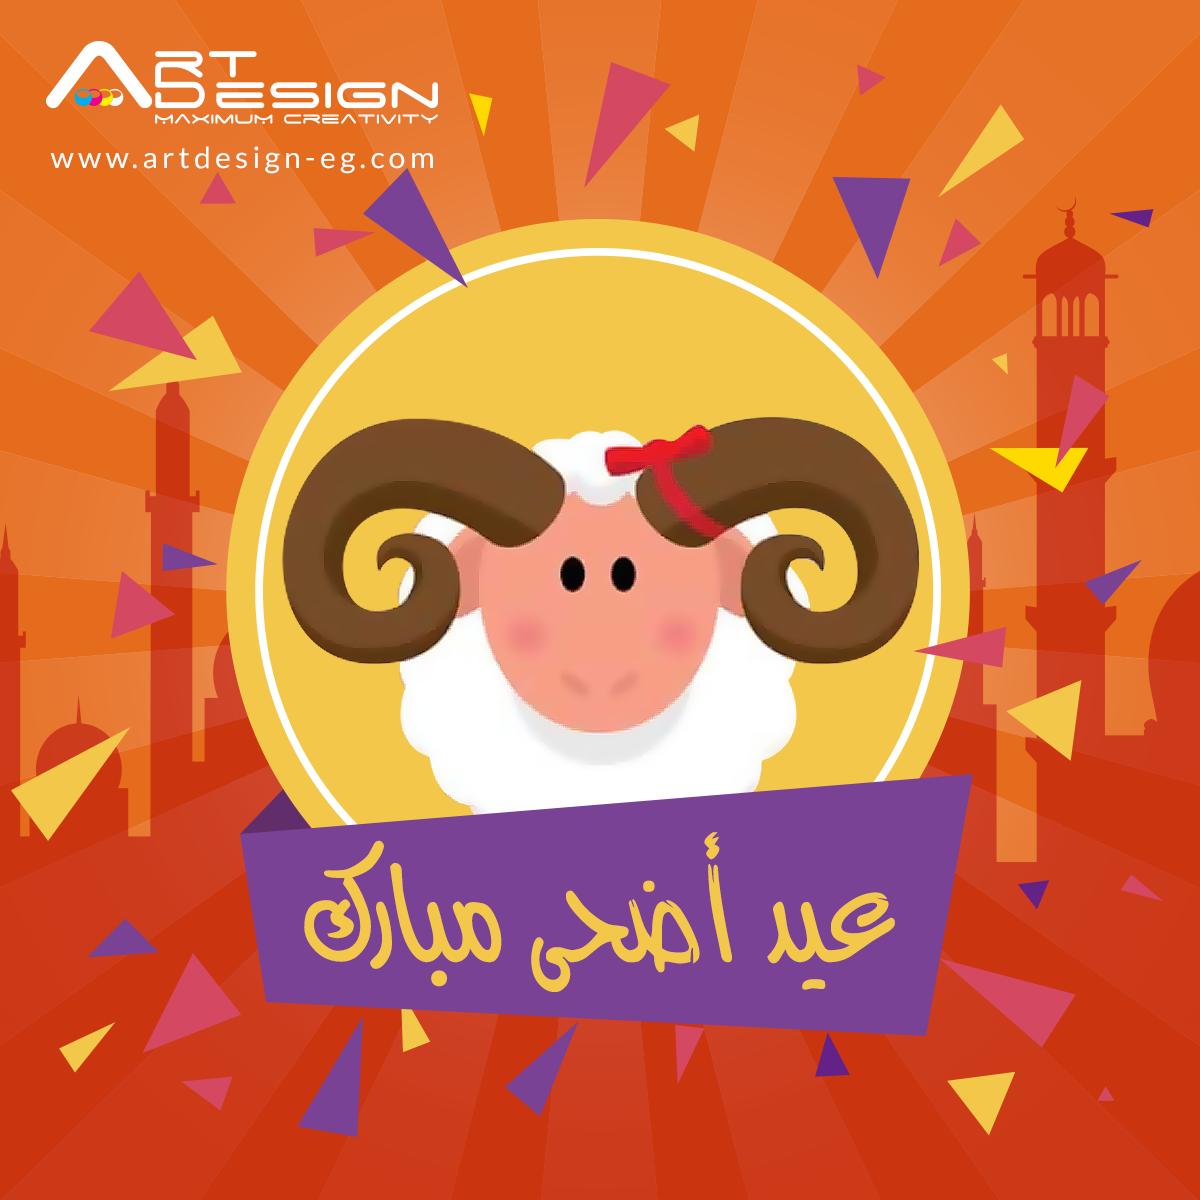 تهنئة خاصة بمناسبة عيد الأضحى المبارك 1440ه 2019 Youtube